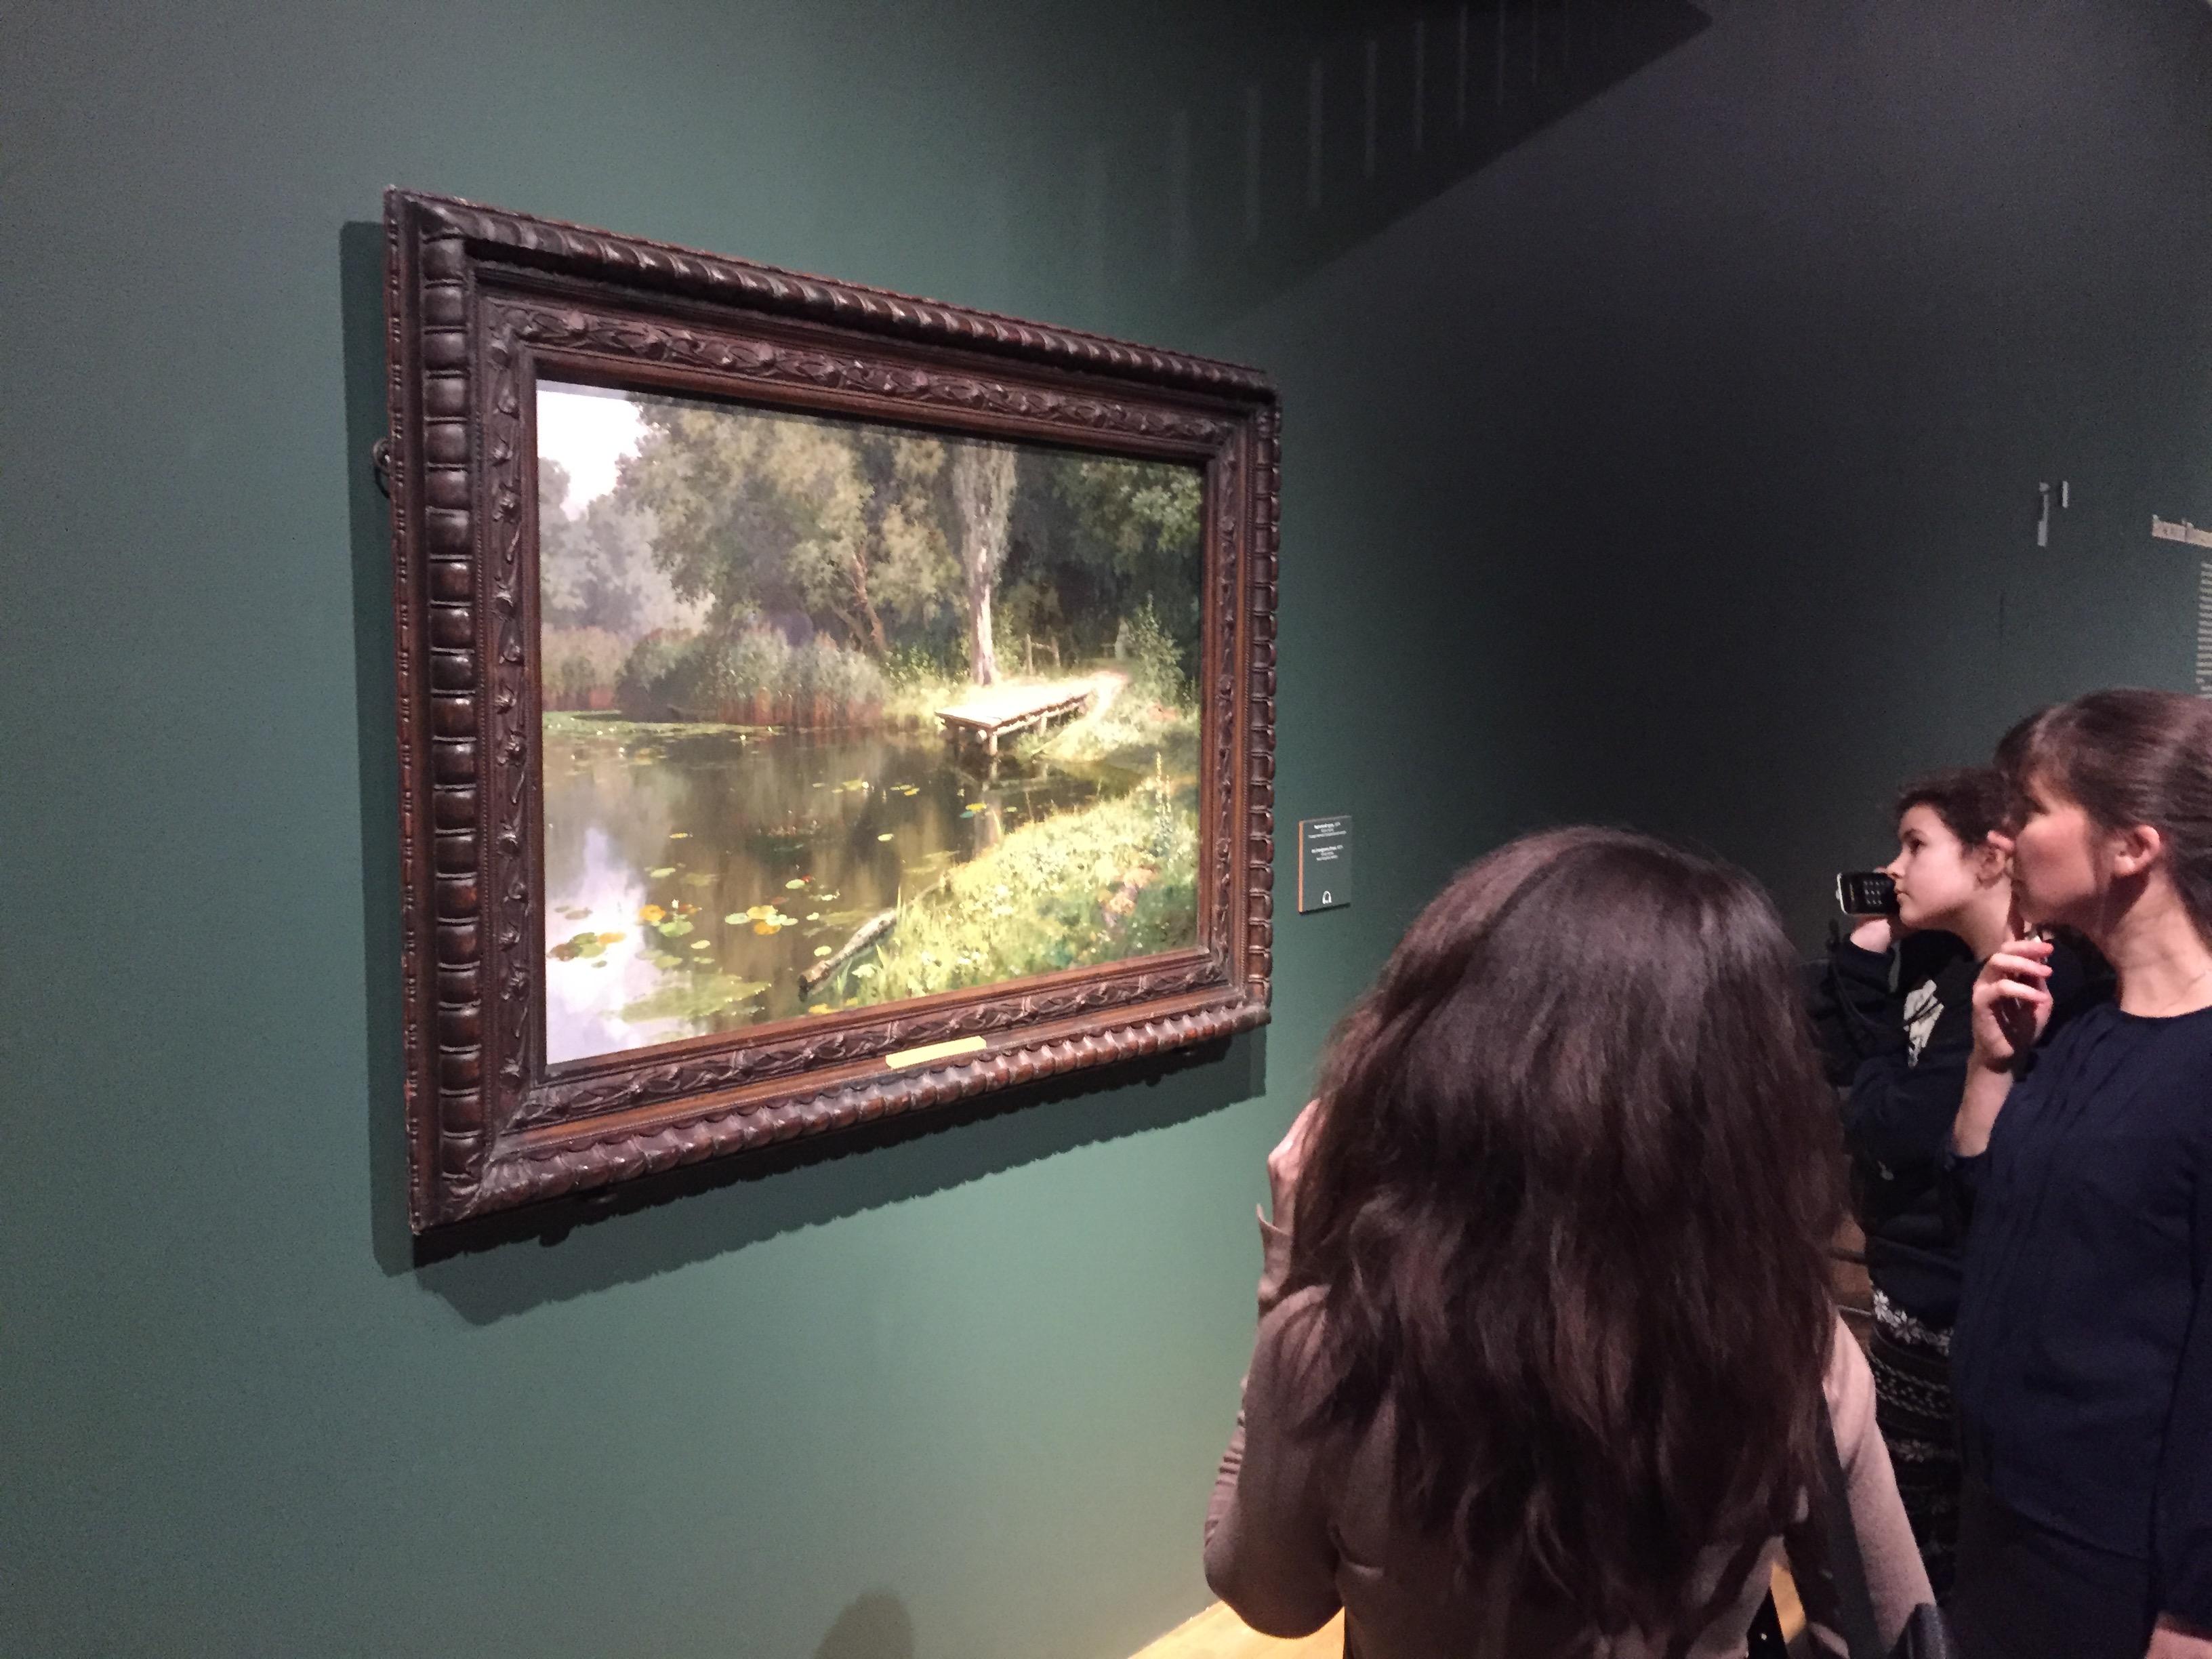 Overgrown pond by Vasily Polenov at the Polenov exhibition in New Tretyakov gallery IMG 9595.jpg